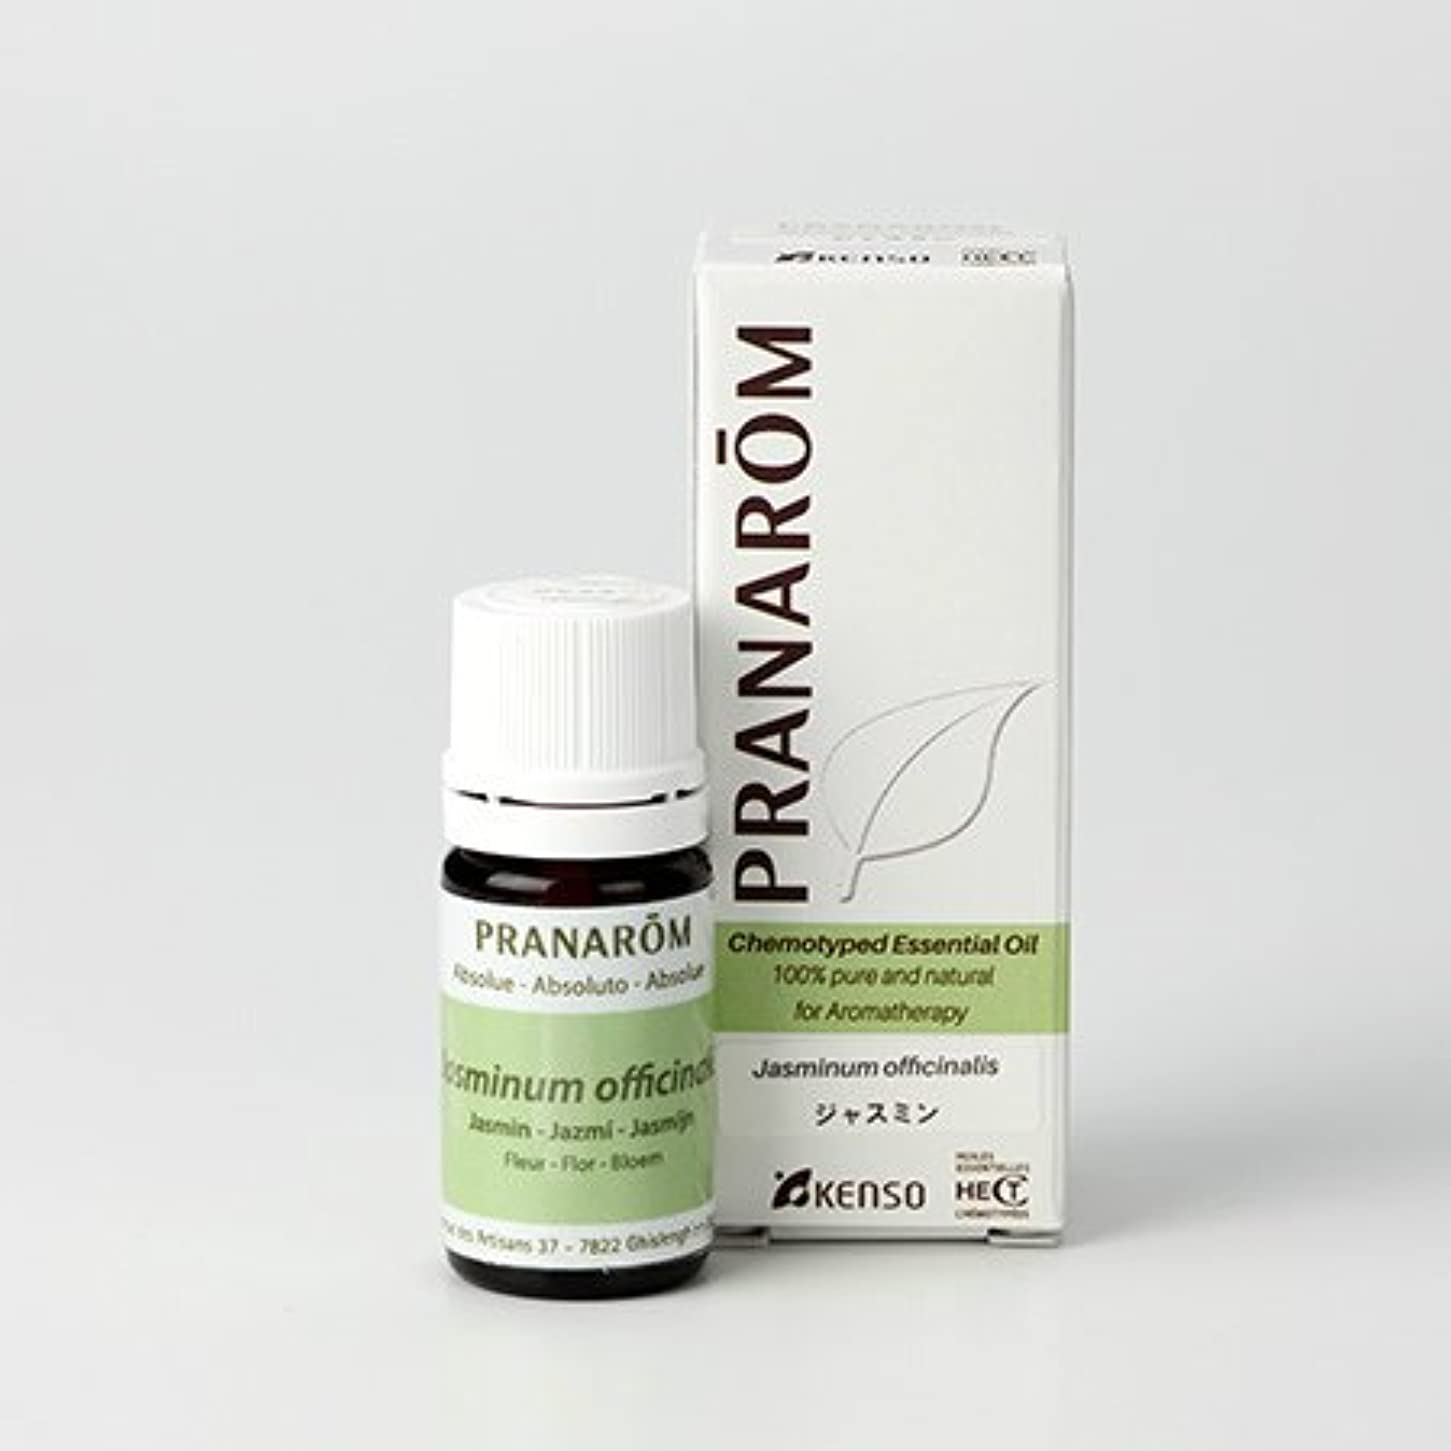 プラナロム ジャスミンAbs. 5ml (PRANAROM ケモタイプ精油)